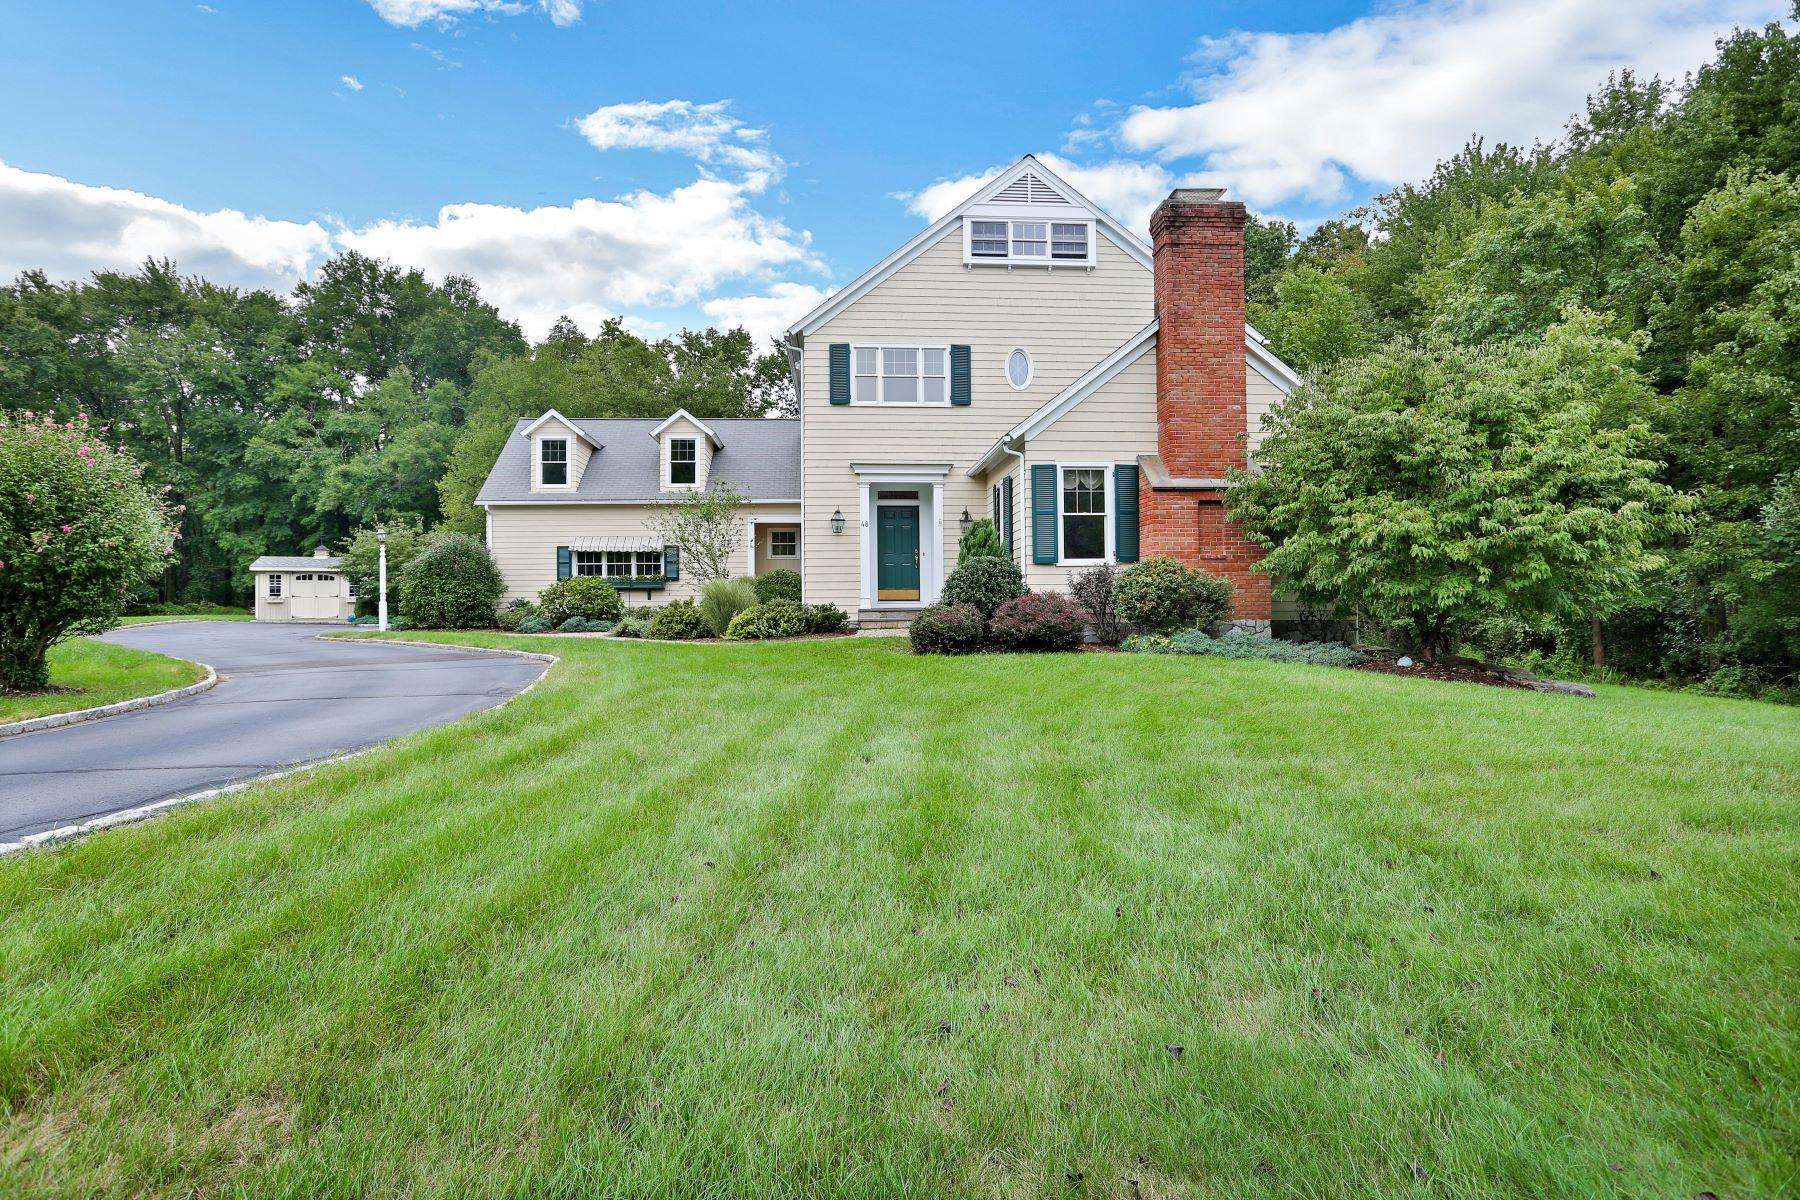 Casa Unifamiliar por un Venta en 48 Duck Pond Place 48 Duck Pond Place Wilton, Connecticut 06897 Estados Unidos